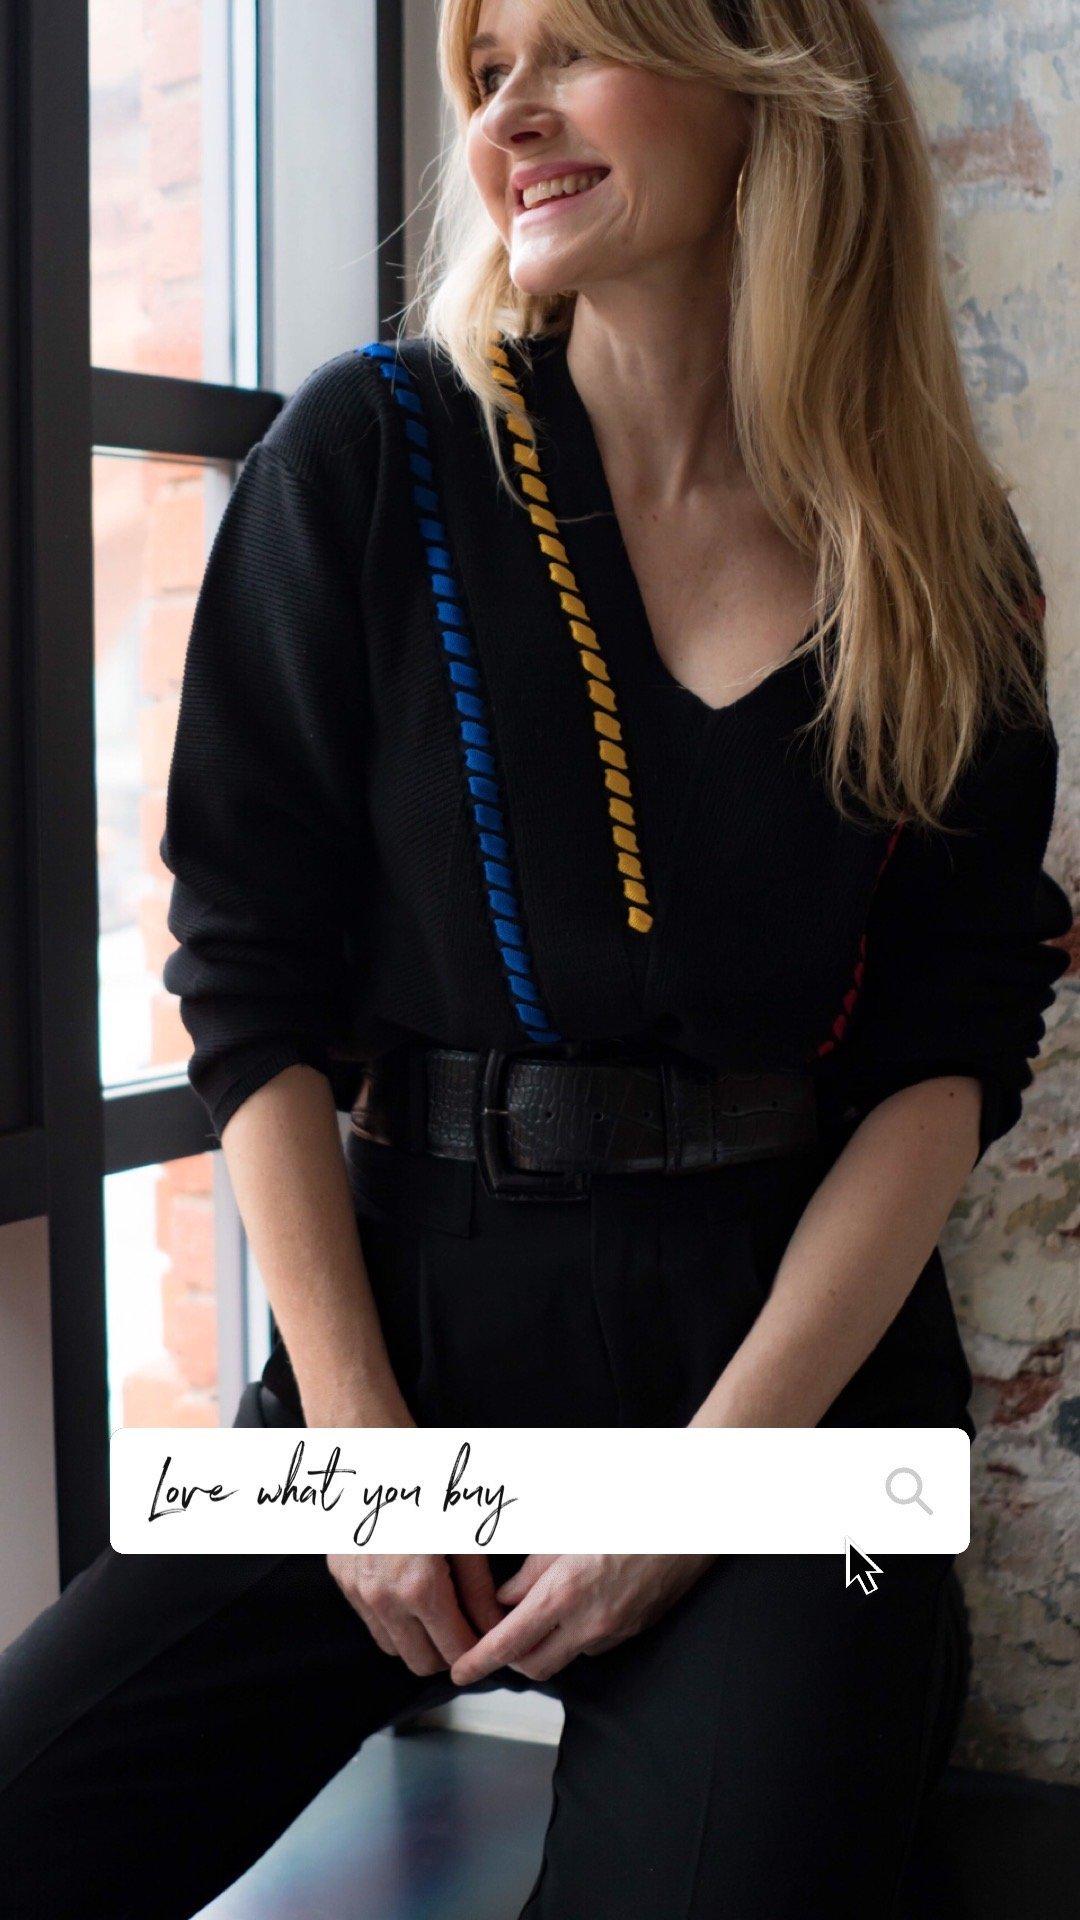 Schwarzer Pulli von Amy Vermont-Nowshine ü40 Blog im Andels Hotel Lodz